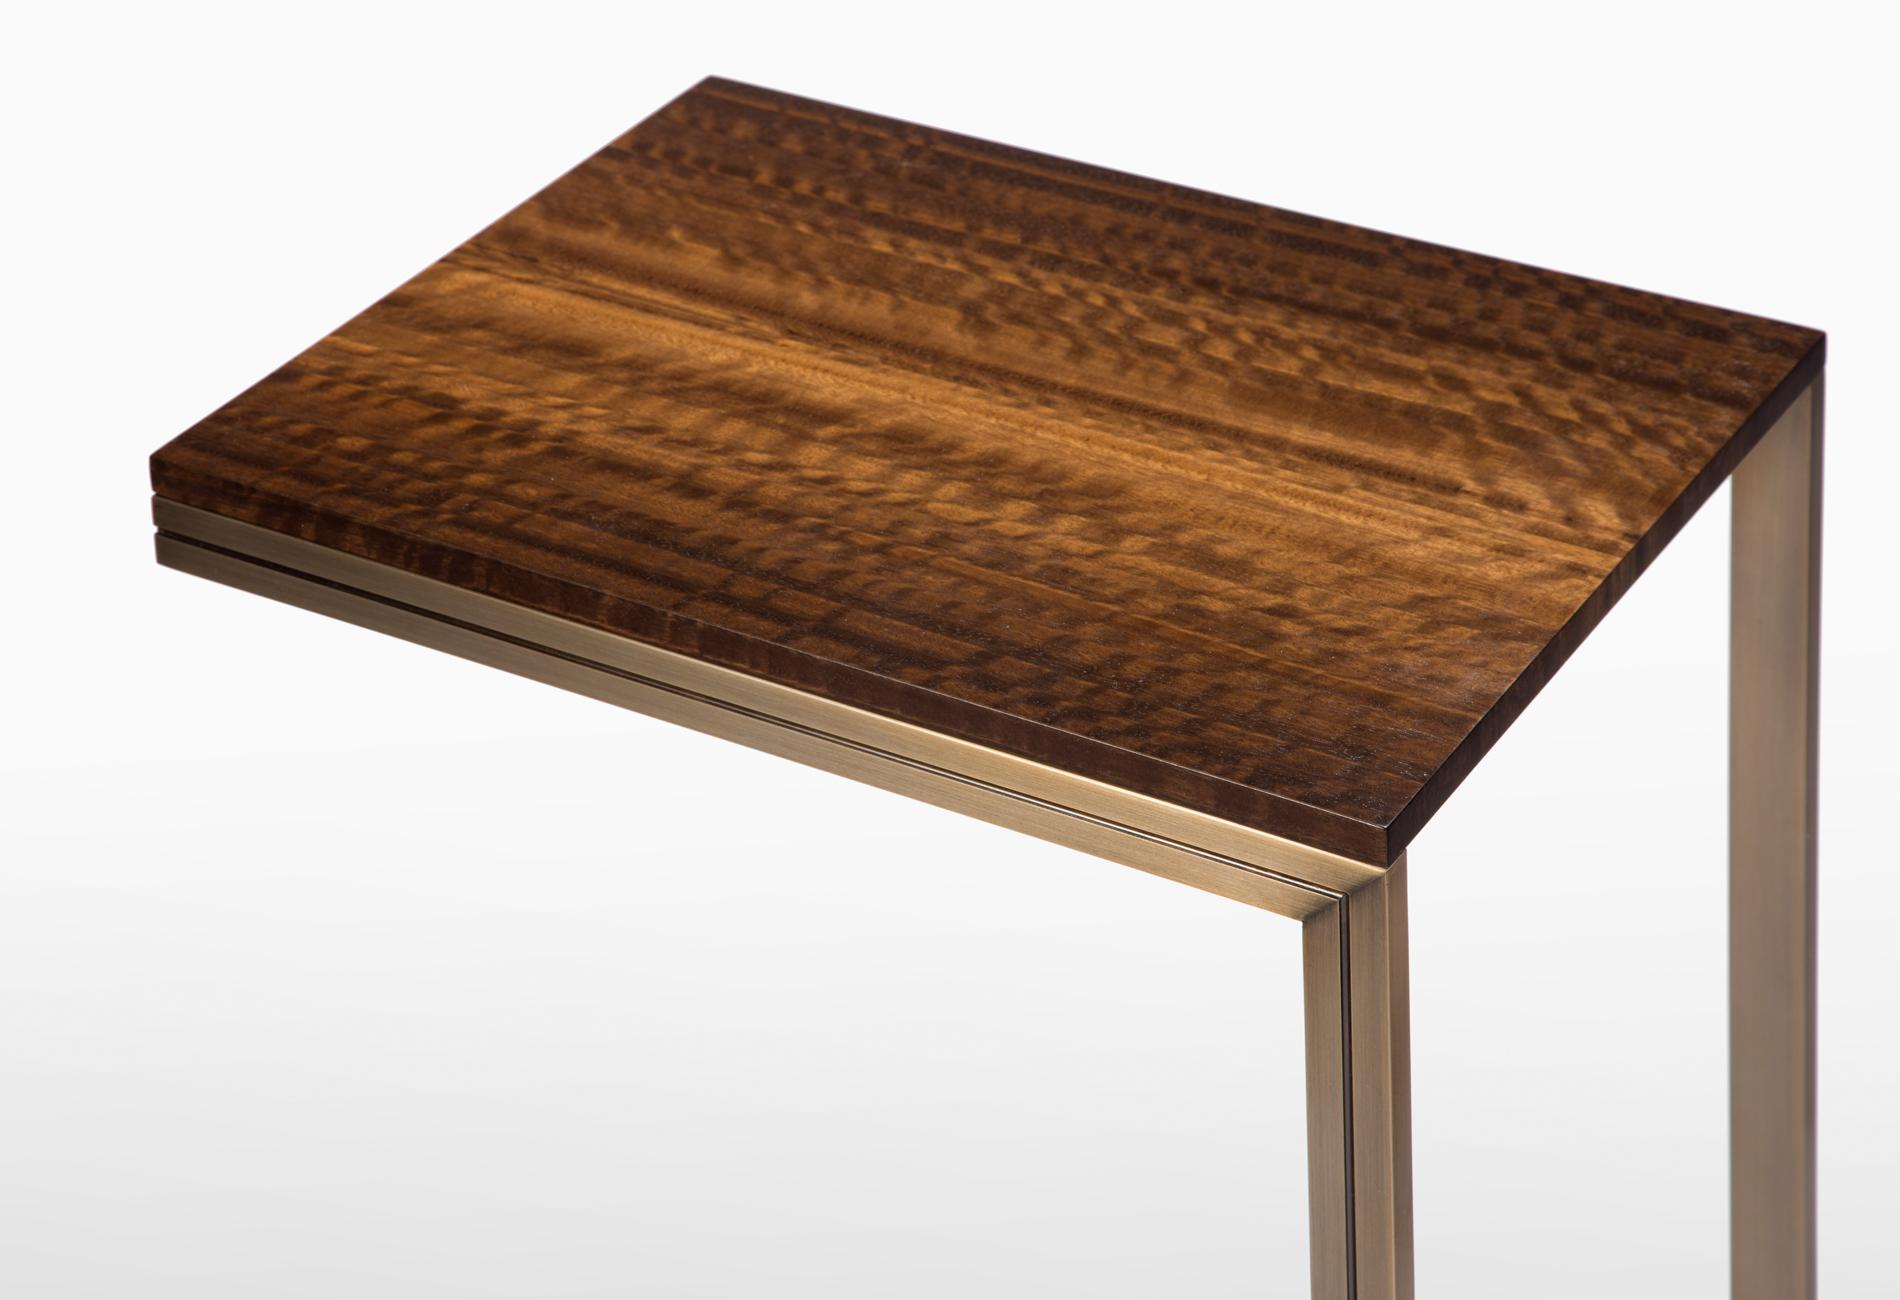 CMS Custom Side Table 001 (5).jpg